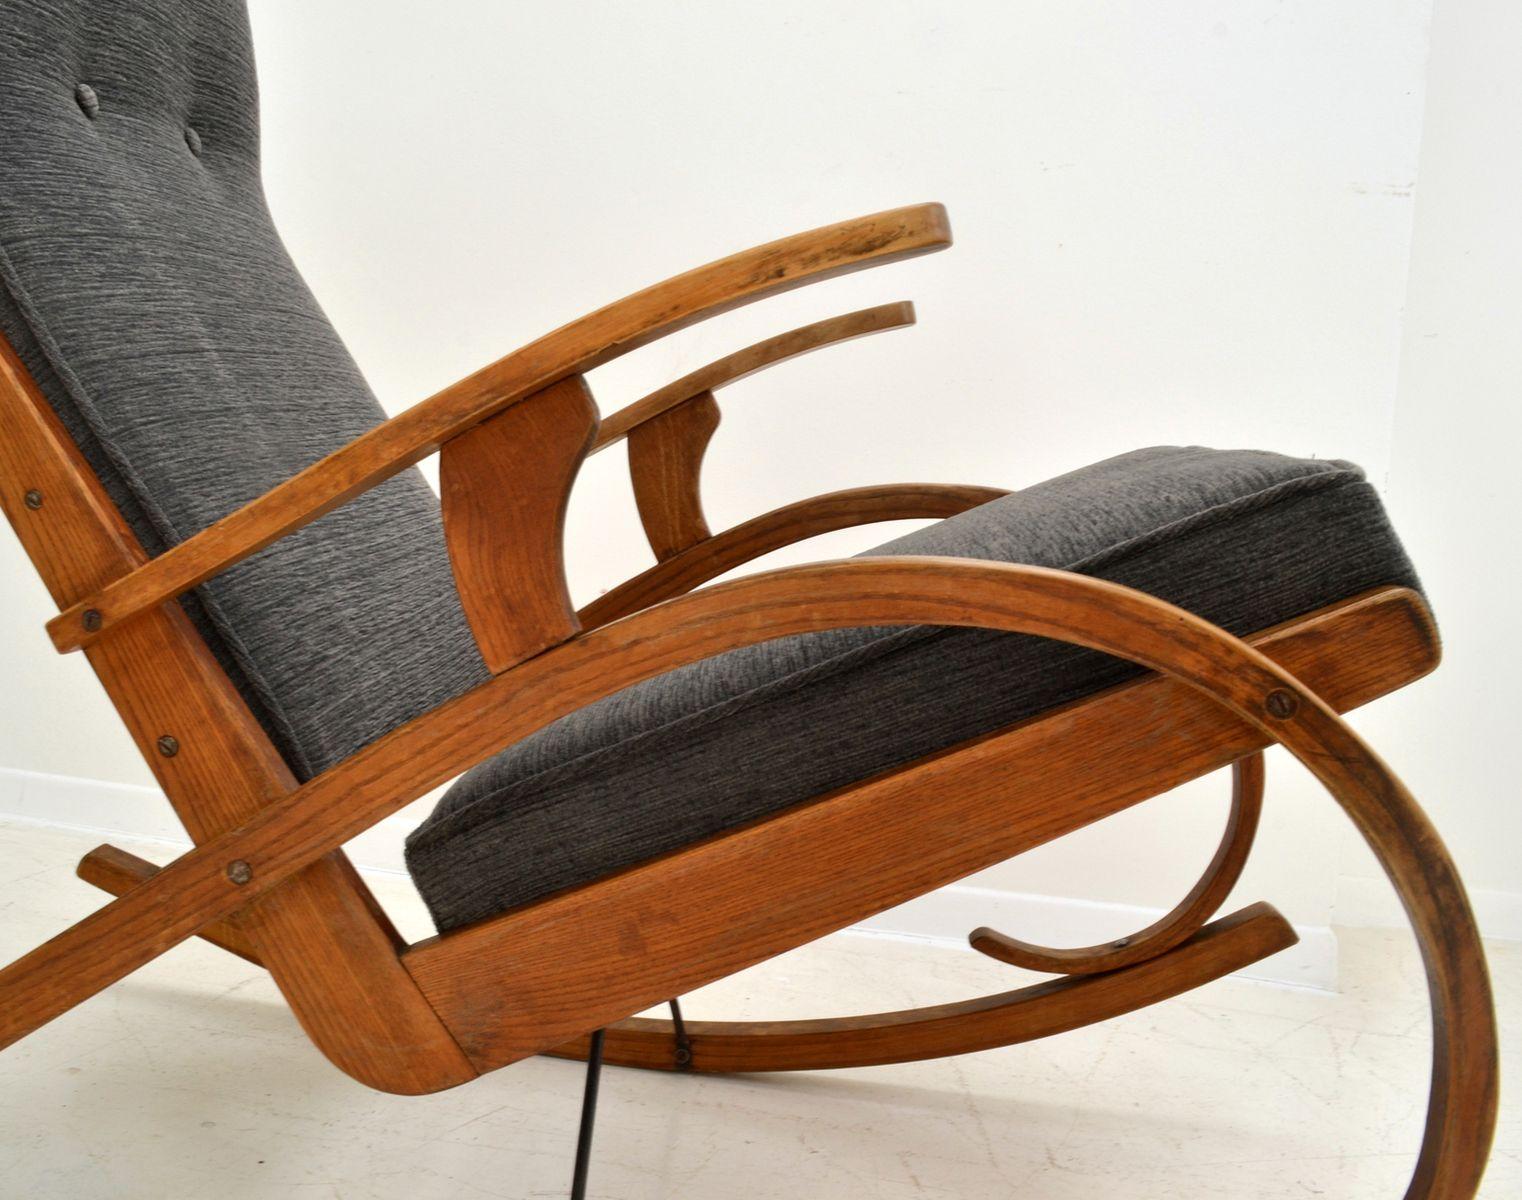 Sedie A Dondolo In Legno Per Bambini : Sedia dondolo legno tessa sedia a dondolo da salotto in caucciu